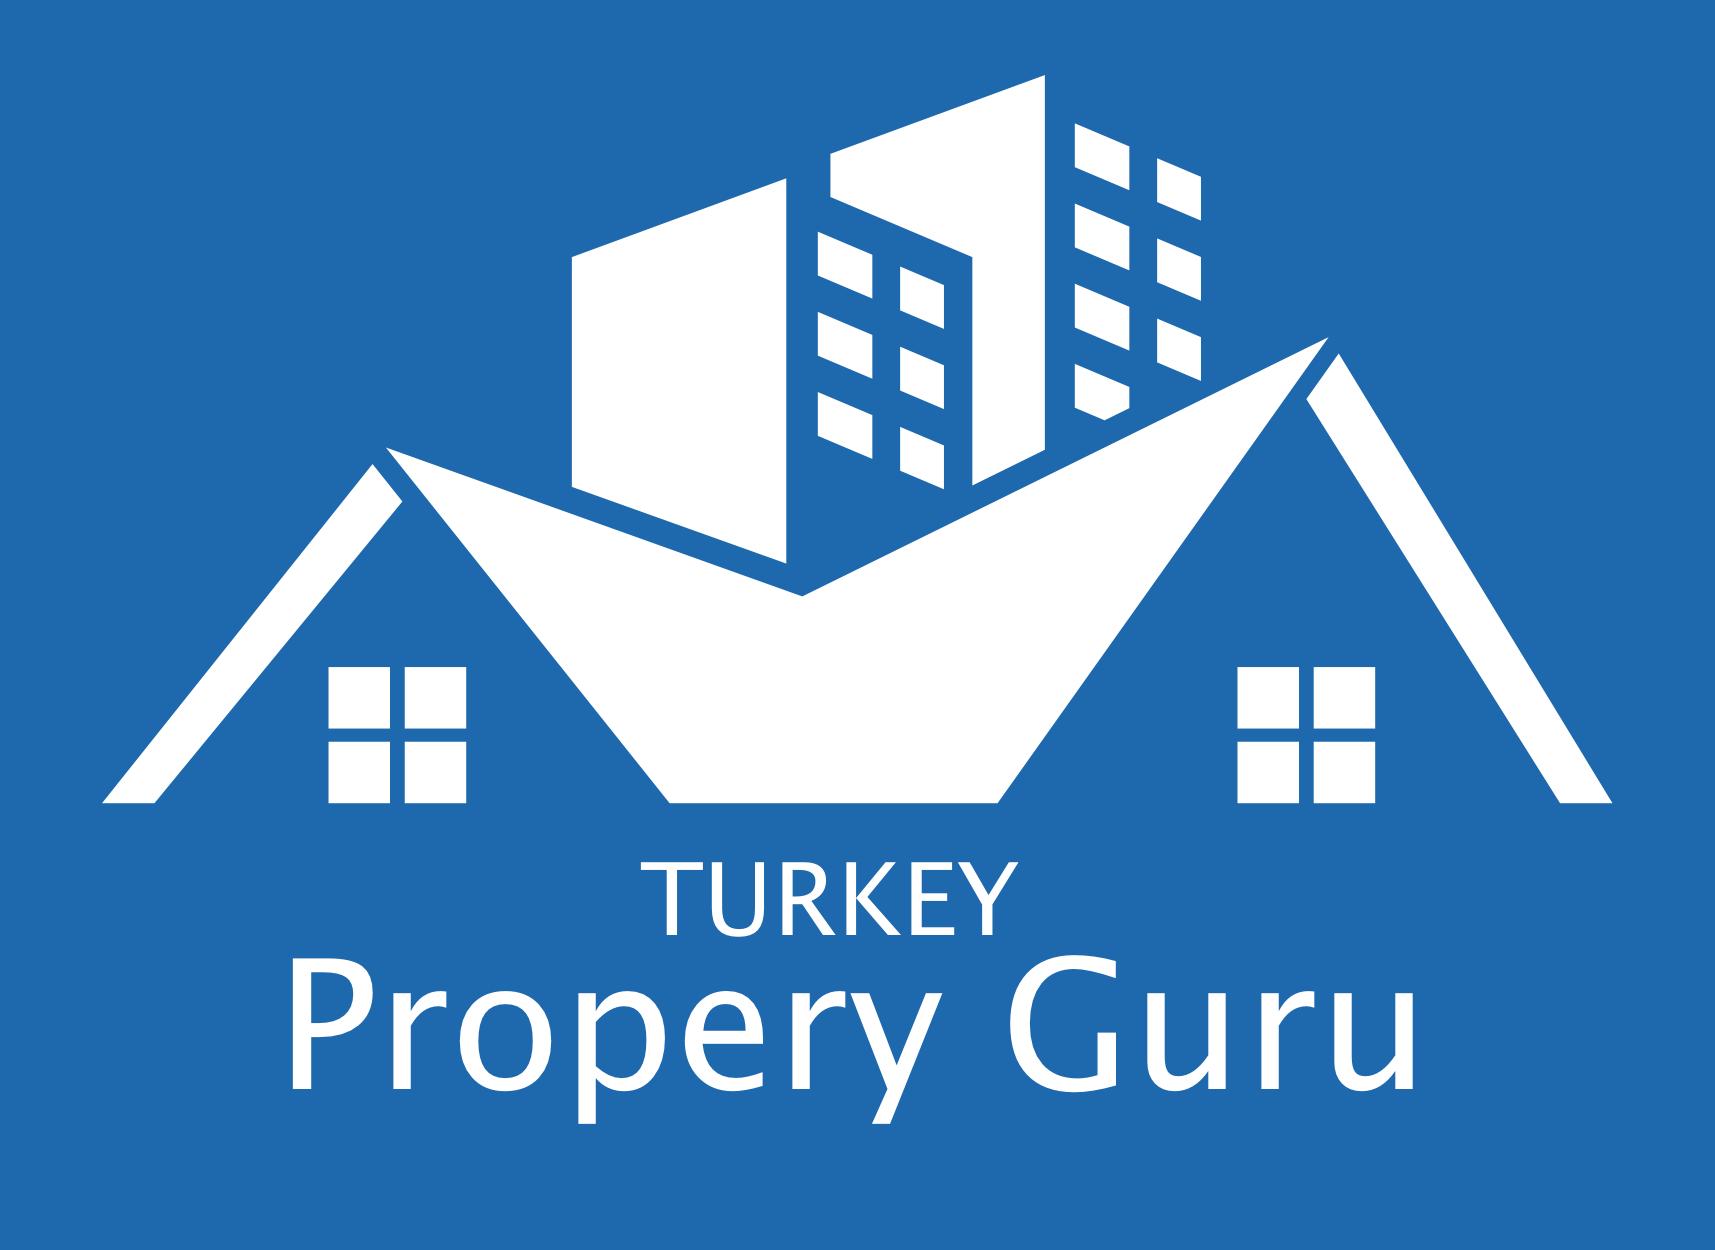 turkeypropertyguru_logo.png